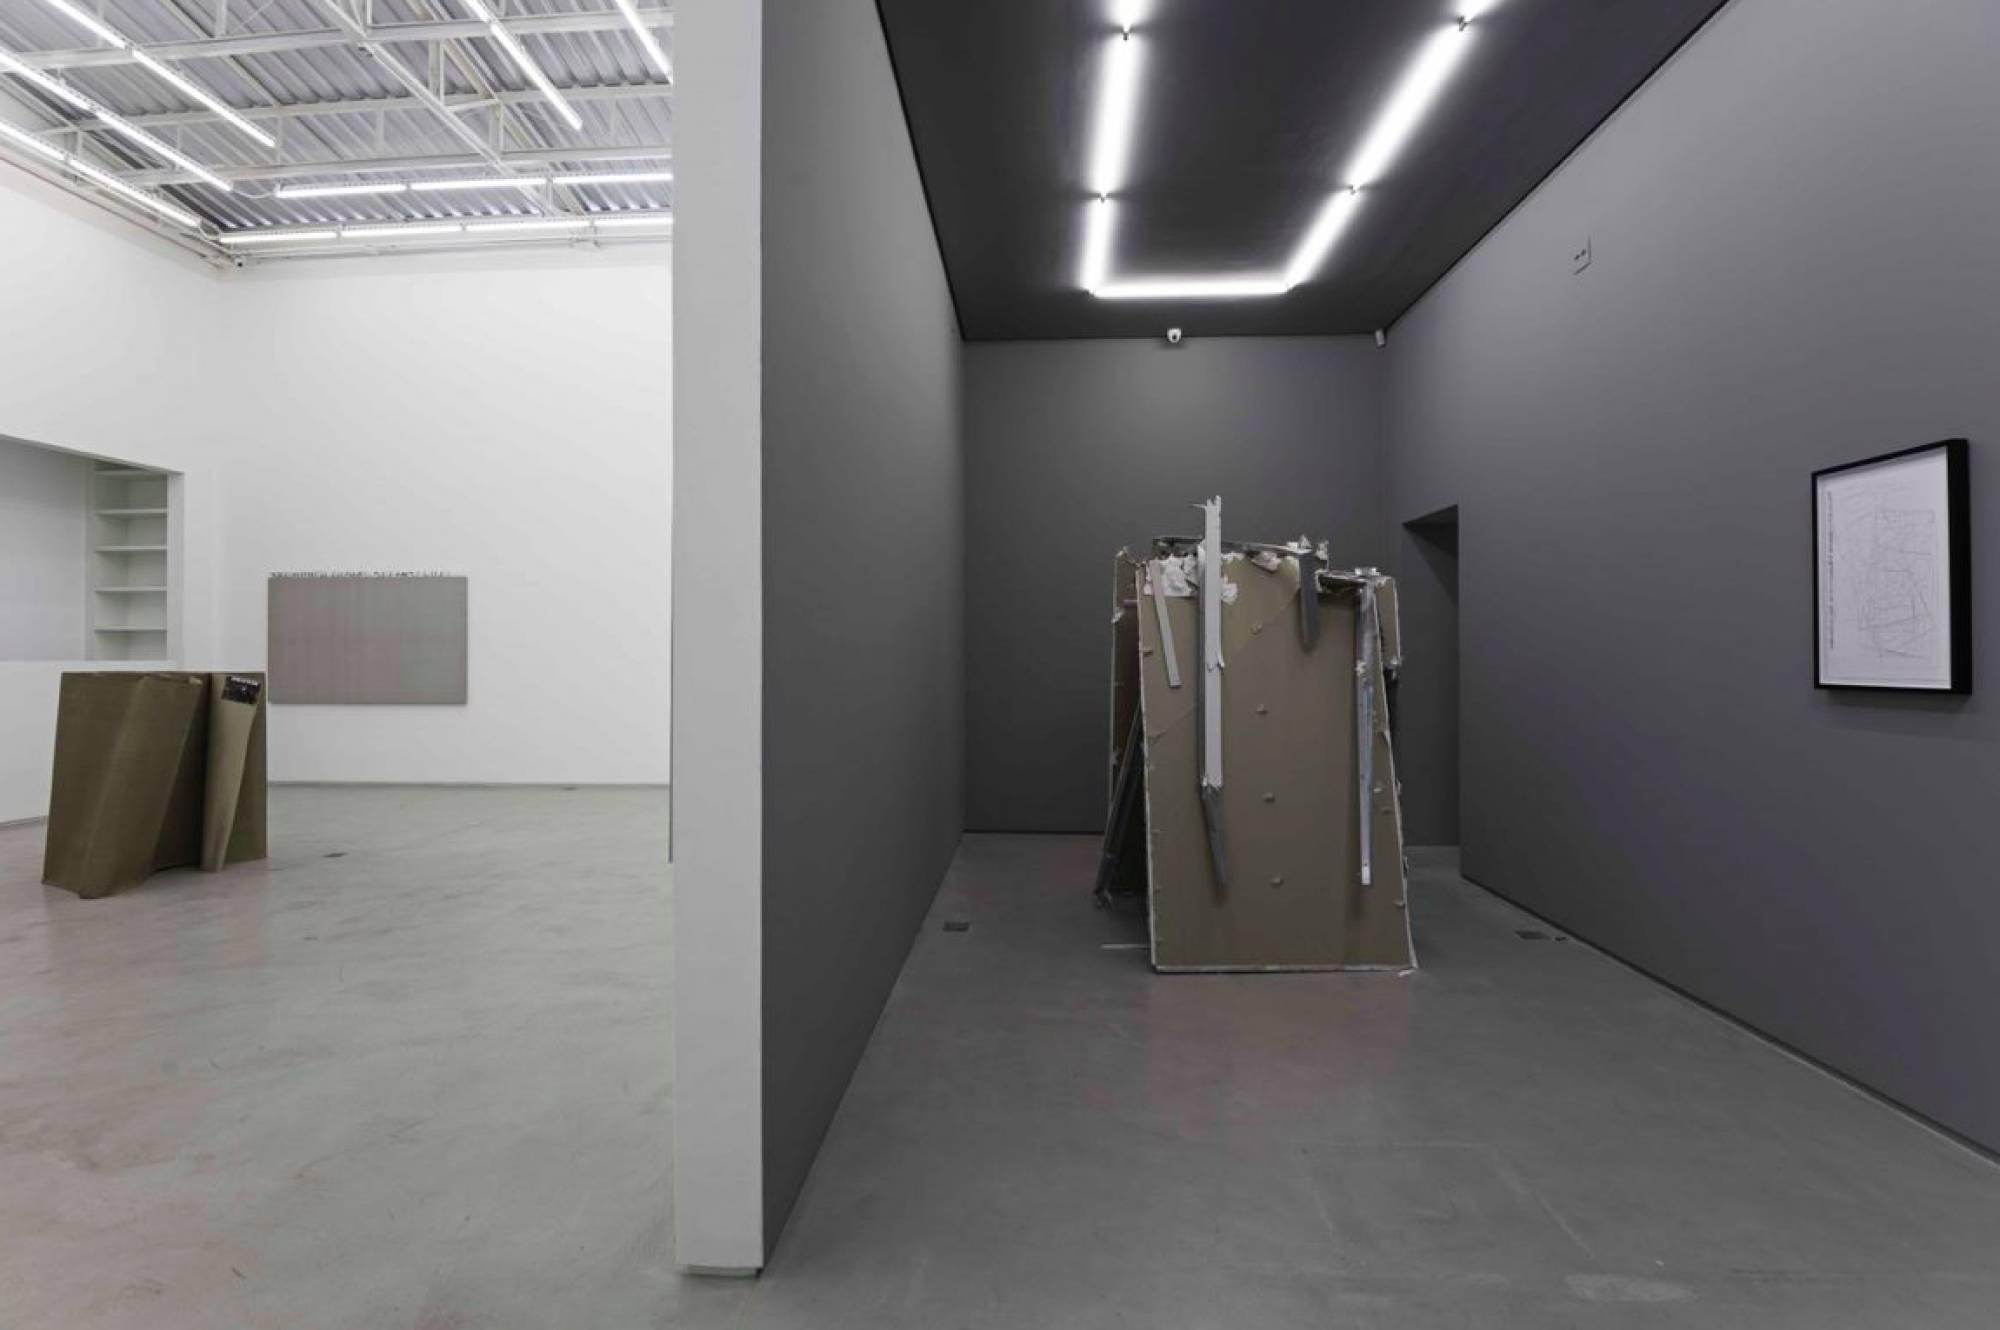 Blake Rayne, <em>Warmilk,</em> Mendes Wood DM São Paulo, 2014 - Mendes Wood DM